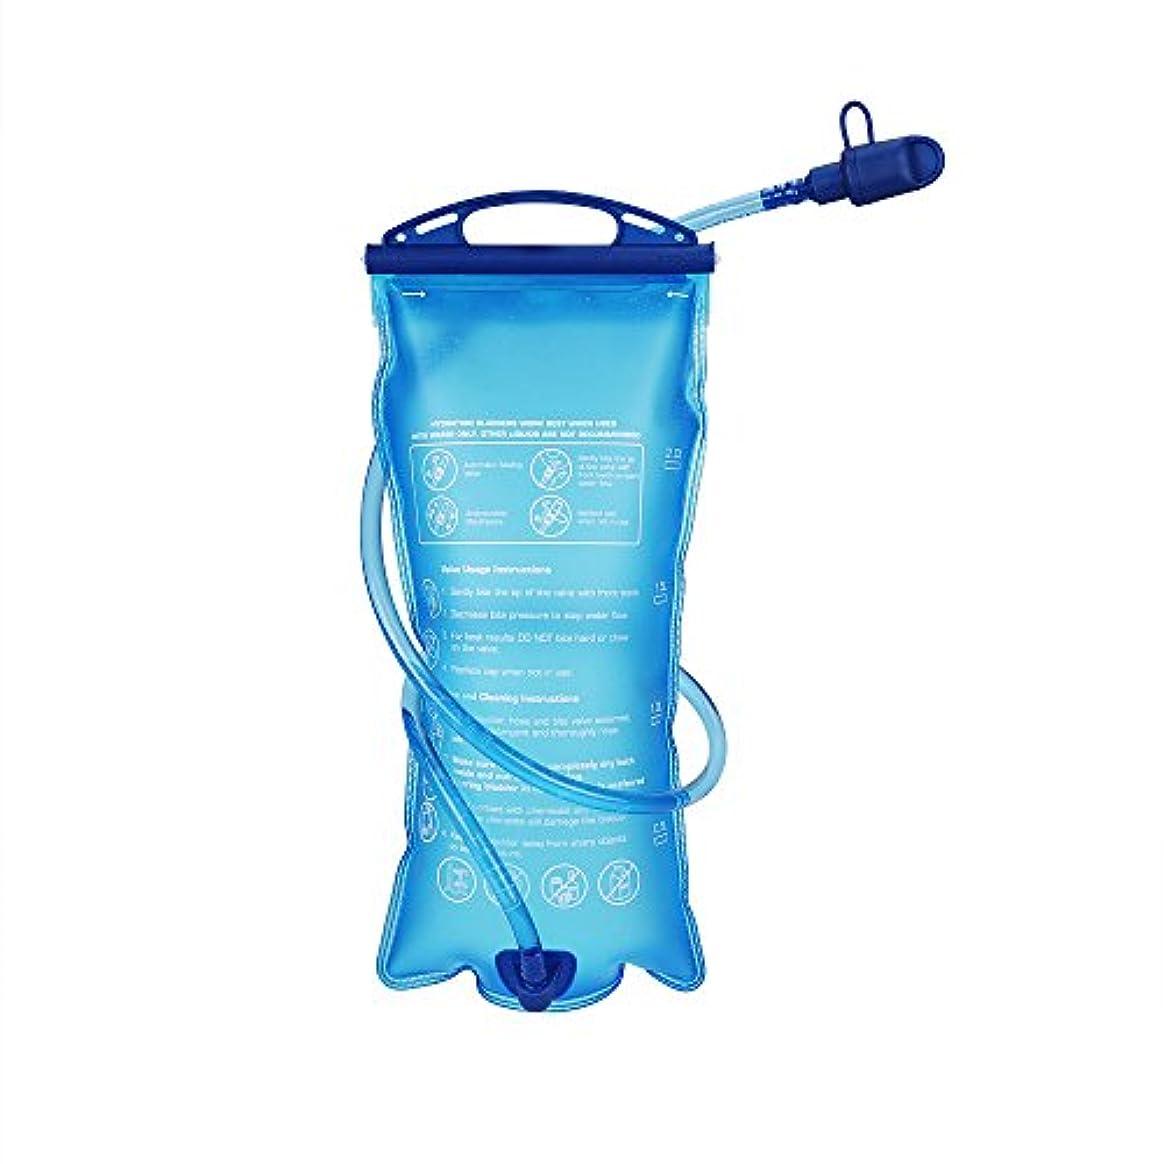 ランプ賞ほこり水袋 折りたたみ水筒 水筒 給水リザーバー 携帯式ボトル 水分補給 ハイドレーション 防災 ハイキング 登山 サイクリング 2L  OSOGODE(オソグド)